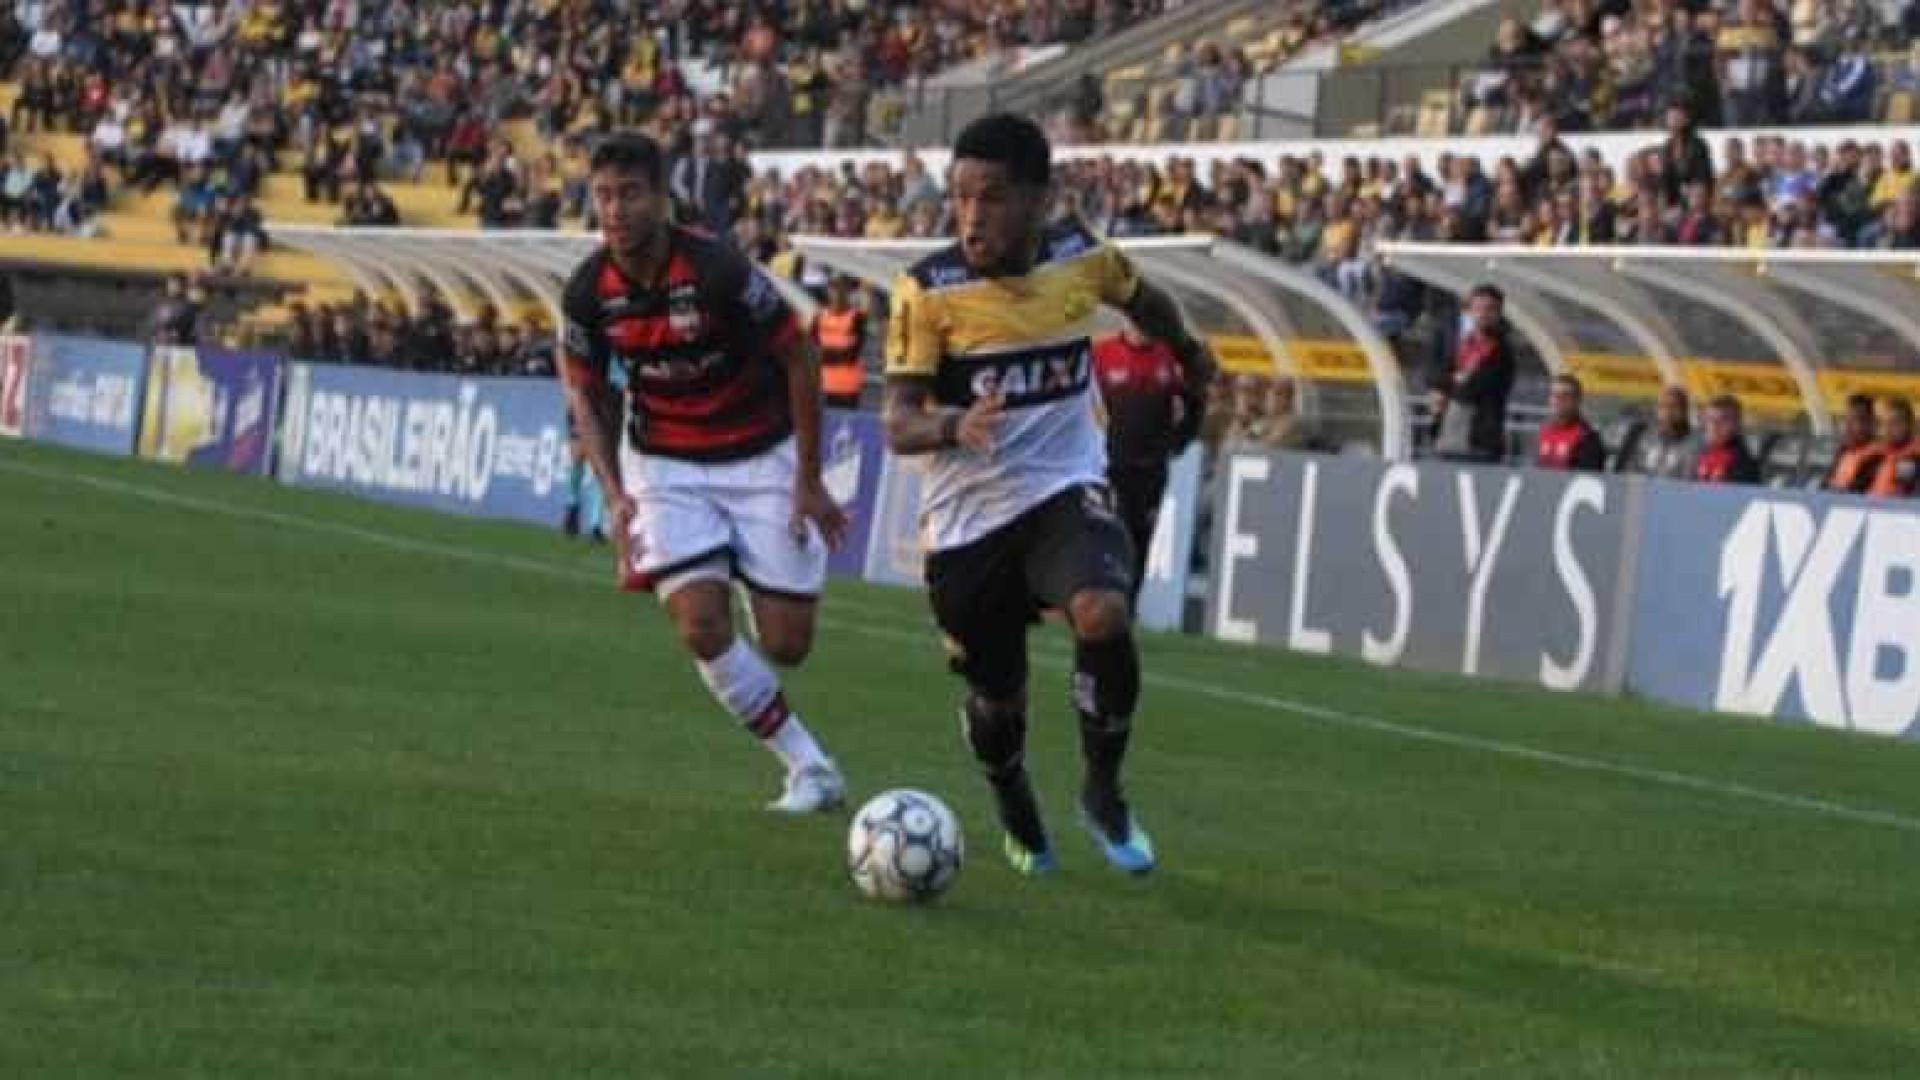 Em jogo com 4 expulsões, Criciúma empata contra Atlético-GO